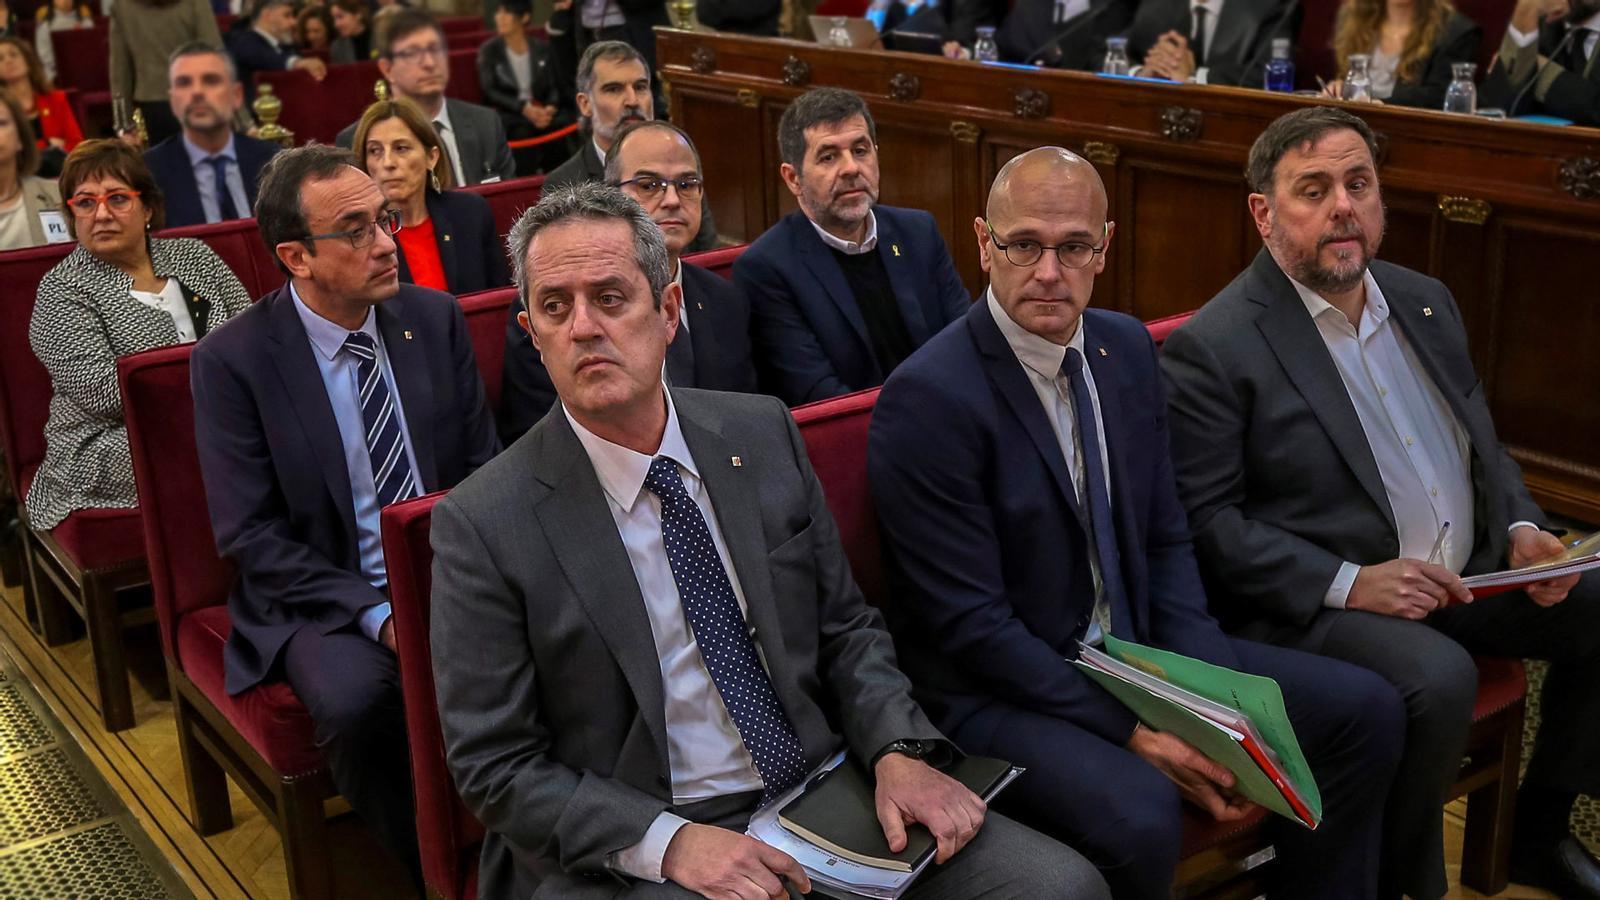 L'anàlisi d'Antoni Bassas: 'L'indult o un mínim de decència política'